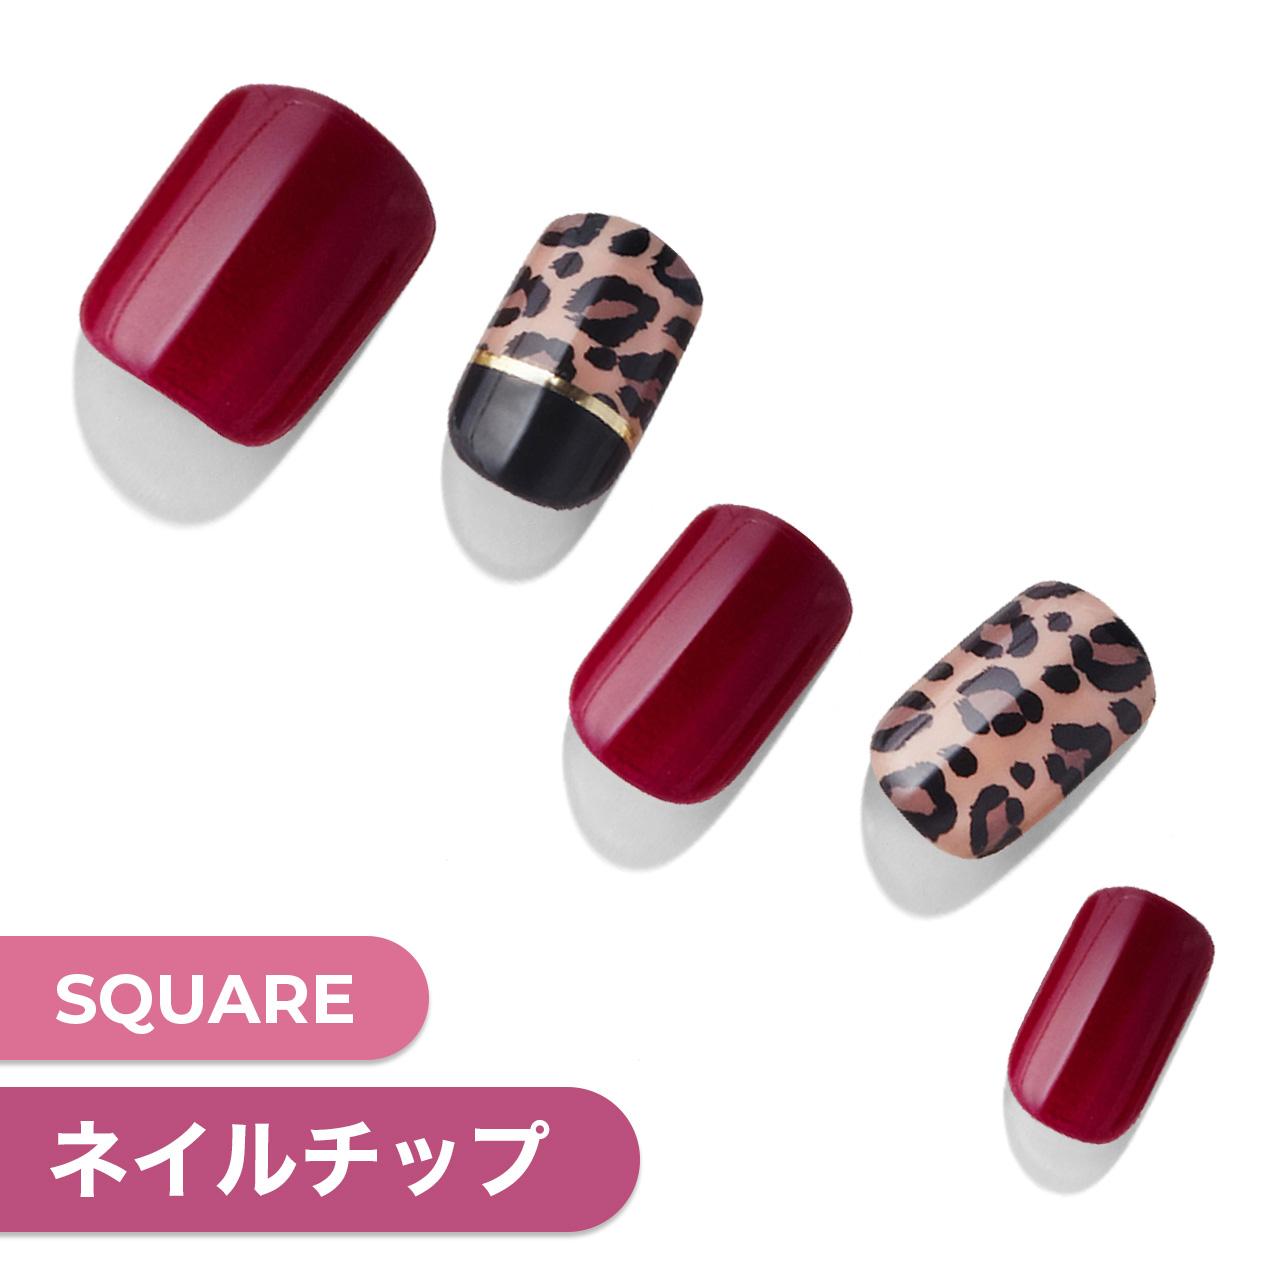 【Wild Leopard】ダッシングディバマジックプレス